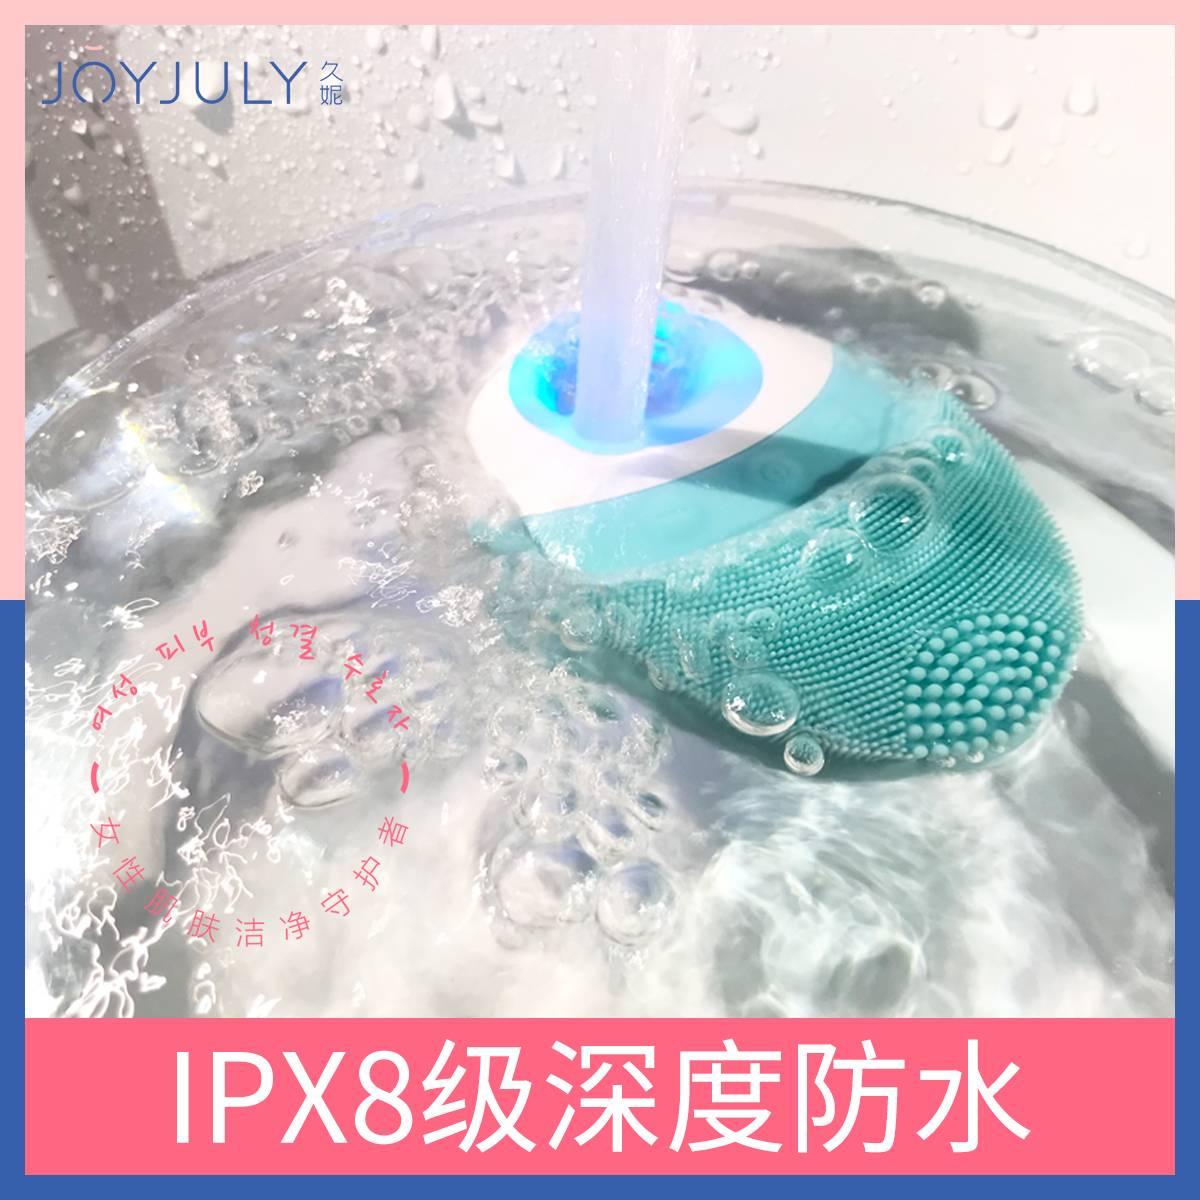 韩国JOYJULY久妮硅胶电动洁面仪无线充电男女士毛孔清洁器洗脸仪声波